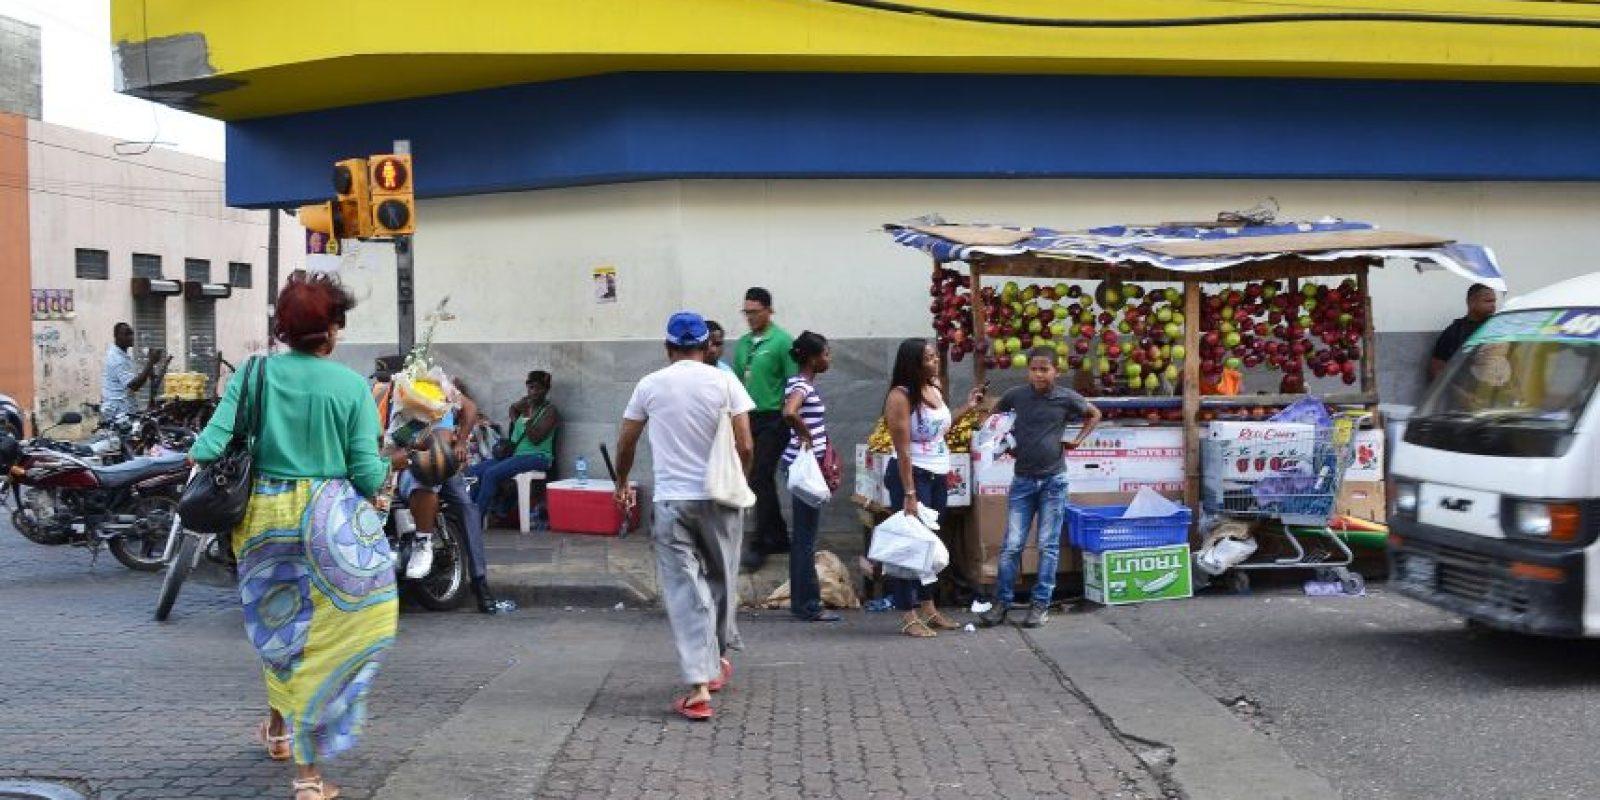 Los ciudadanos aprovechan las festividades navideñas para ir a tiendas, bancos, supermercados y plazas comerciales. Foto:Mario de Peña